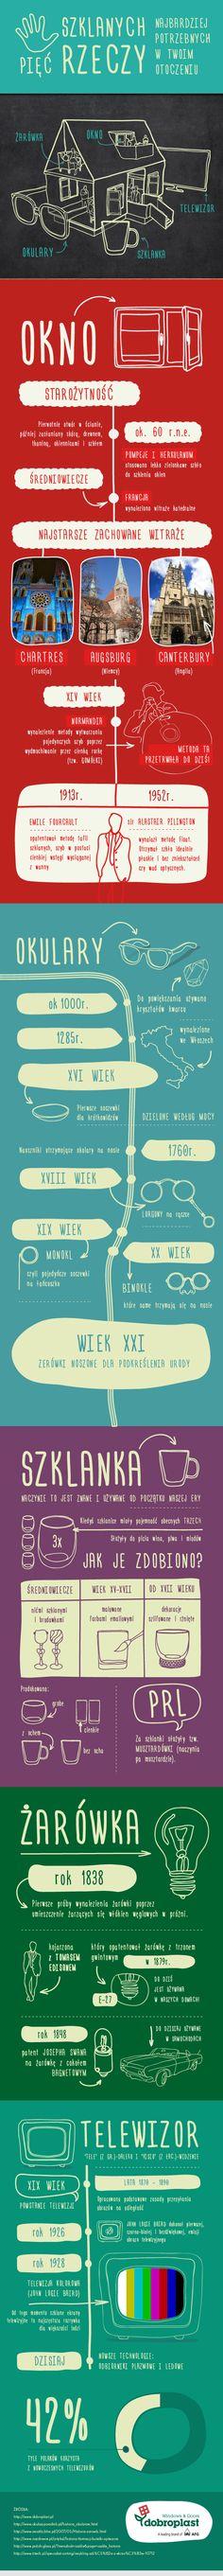 Bez czego ciężko byłoby nam żyć!? infografika o 5 wartościowych dla nas rzeczach ze szkła.